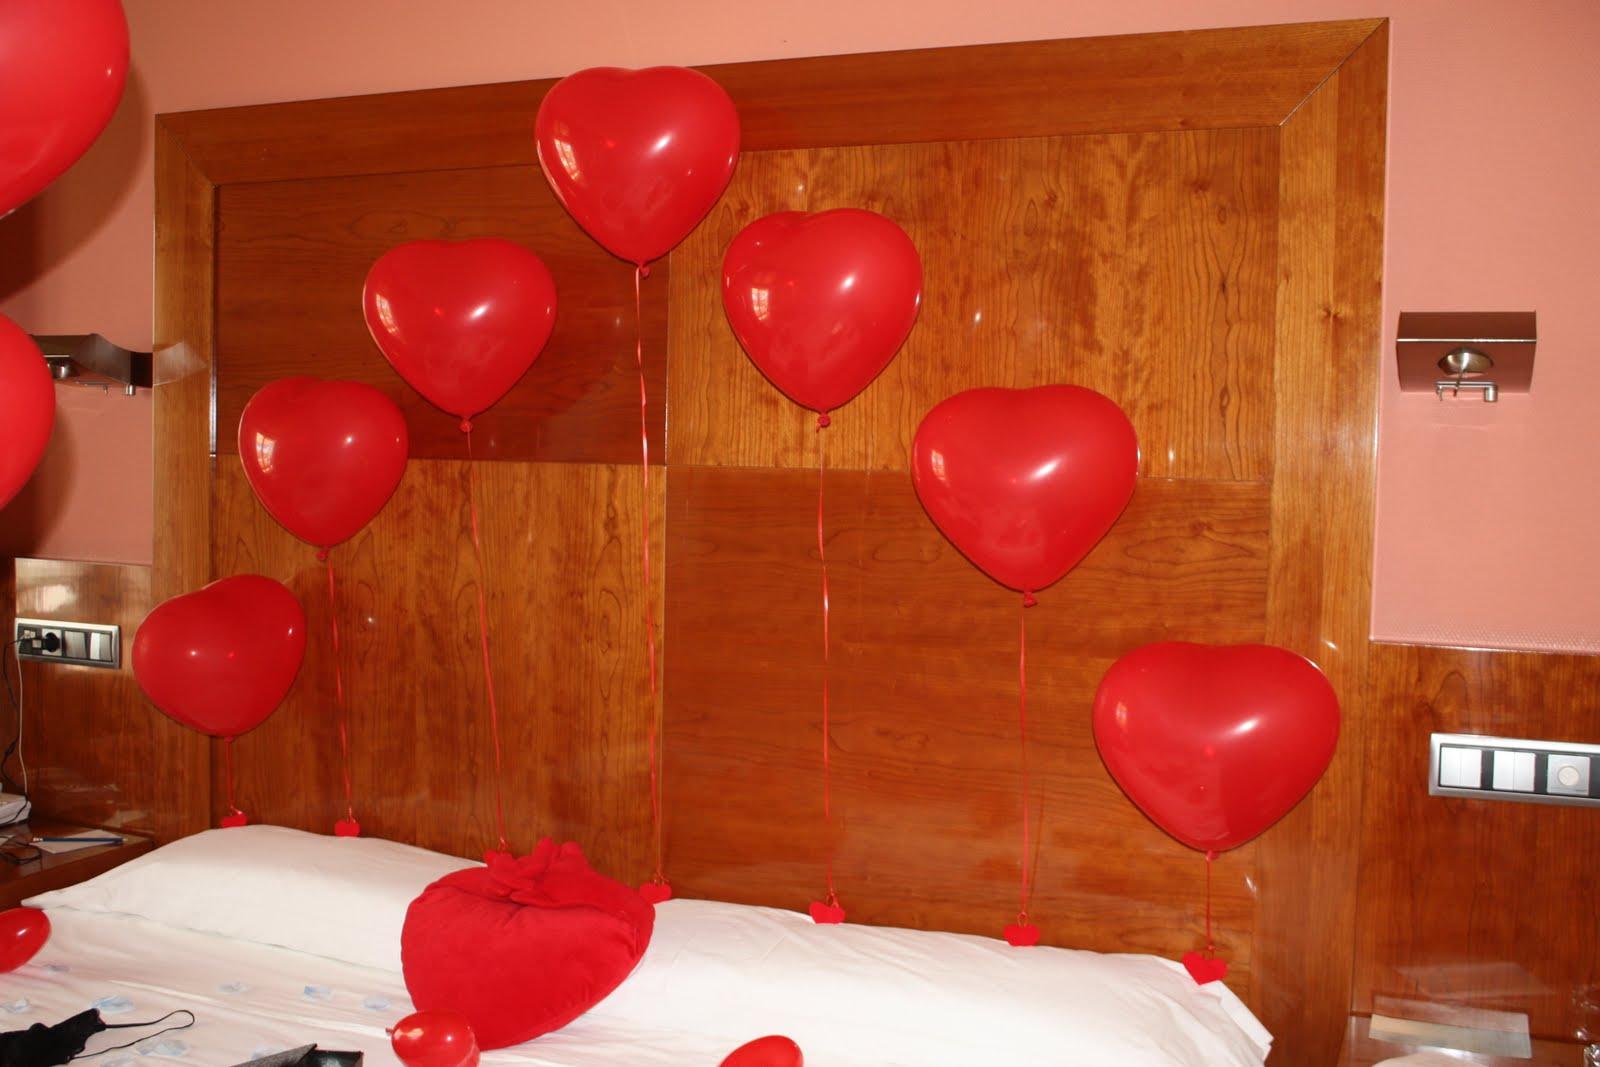 40 aniversario de boda en habitacion hotel for Decorar habitacion hotel